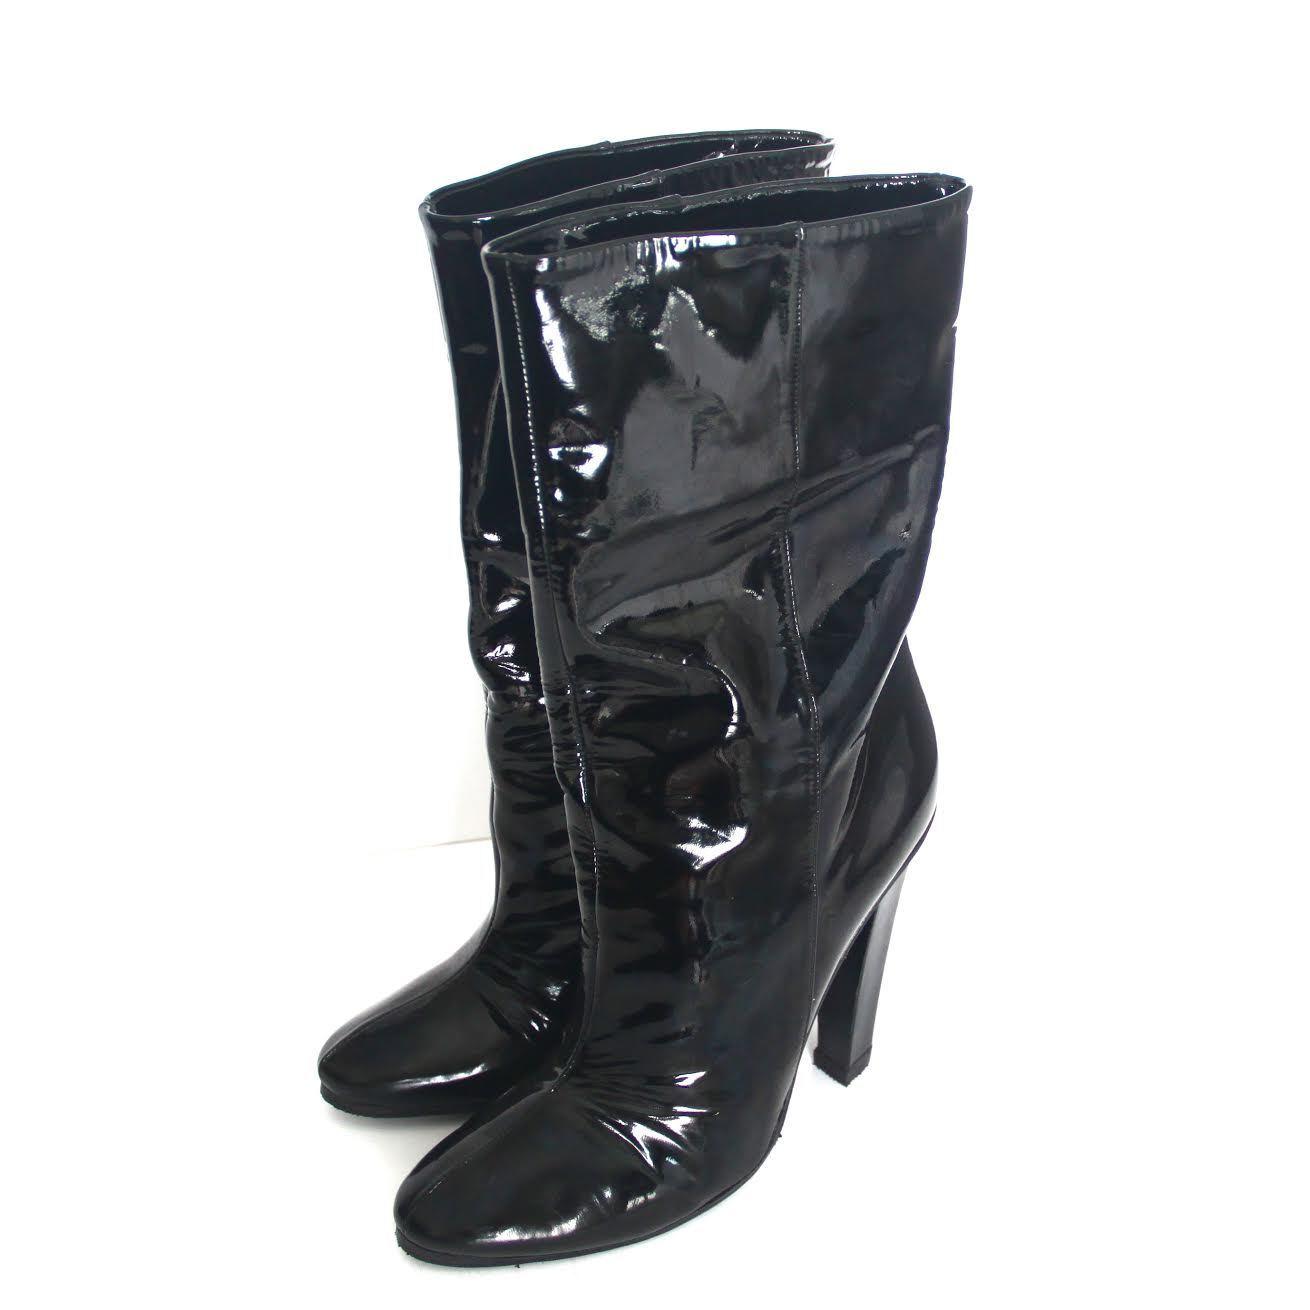 Jimmy Jimmy Jimmy Choo Helena Charol Negro botas Botines Mitad de Pantorrilla Tacón Alto Talla 39  vendiendo bien en todo el mundo